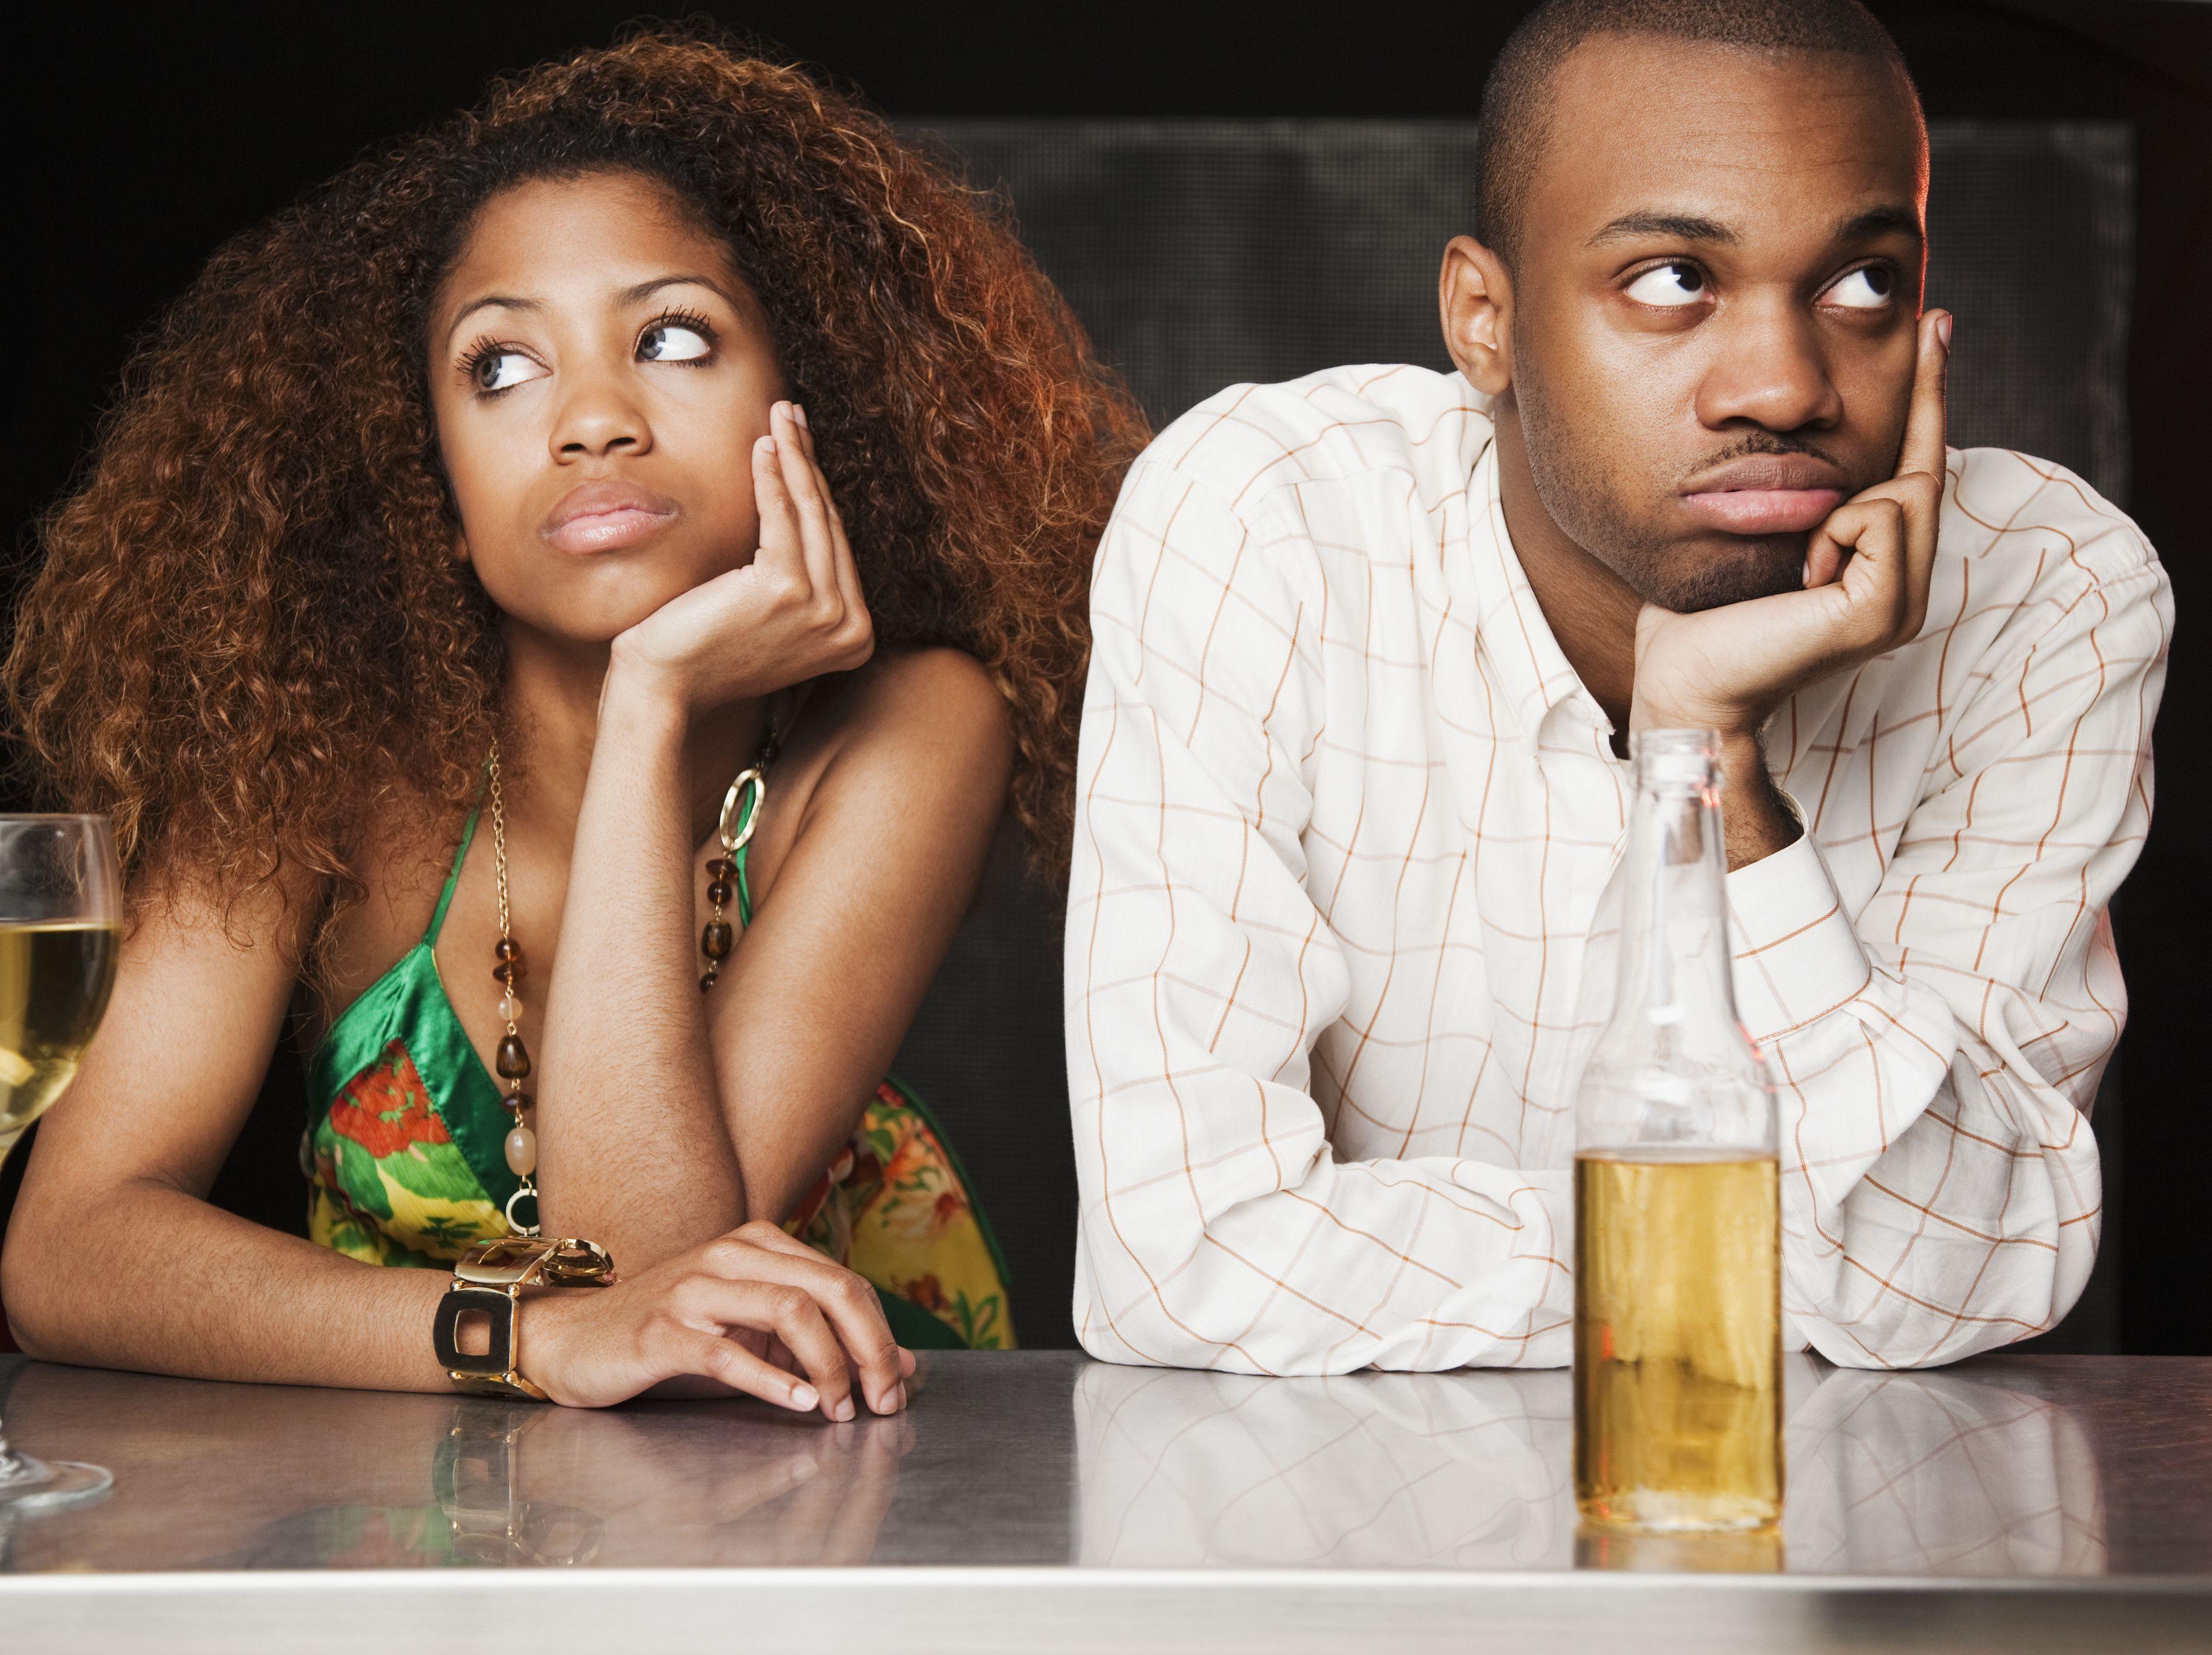 guy niet geïnteresseerd in dating